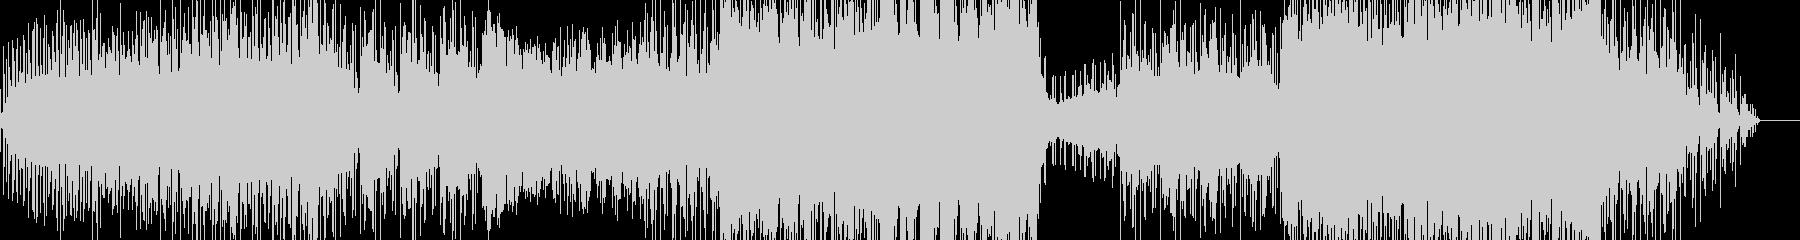 エレクトロ風チルアウトポップの未再生の波形